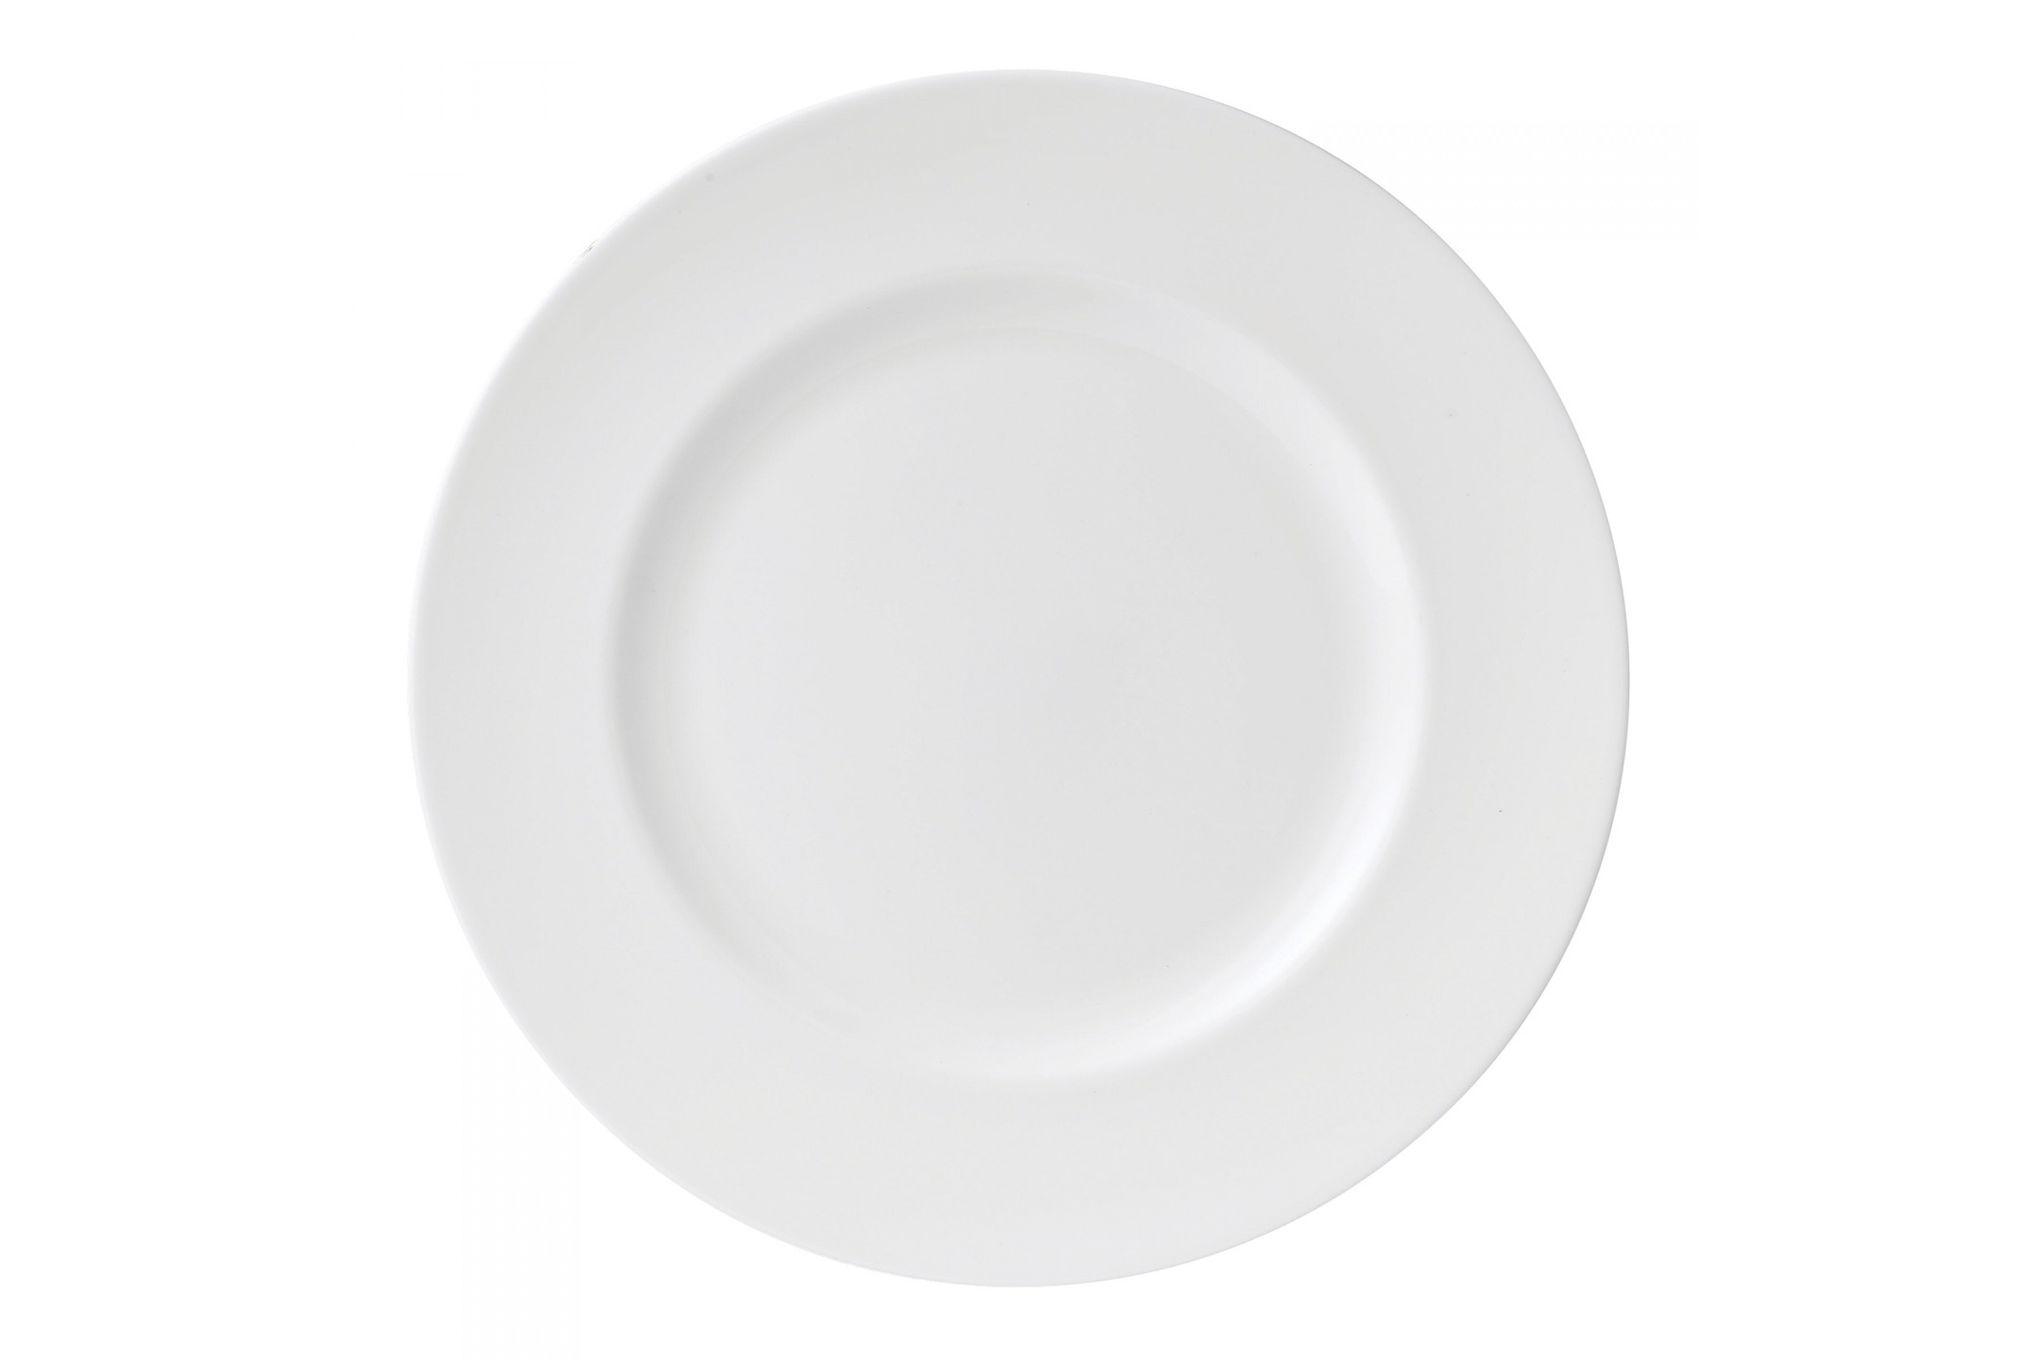 """Wedgwood Wedgwood White Dinner Plate 10 5/8"""" thumb 2"""